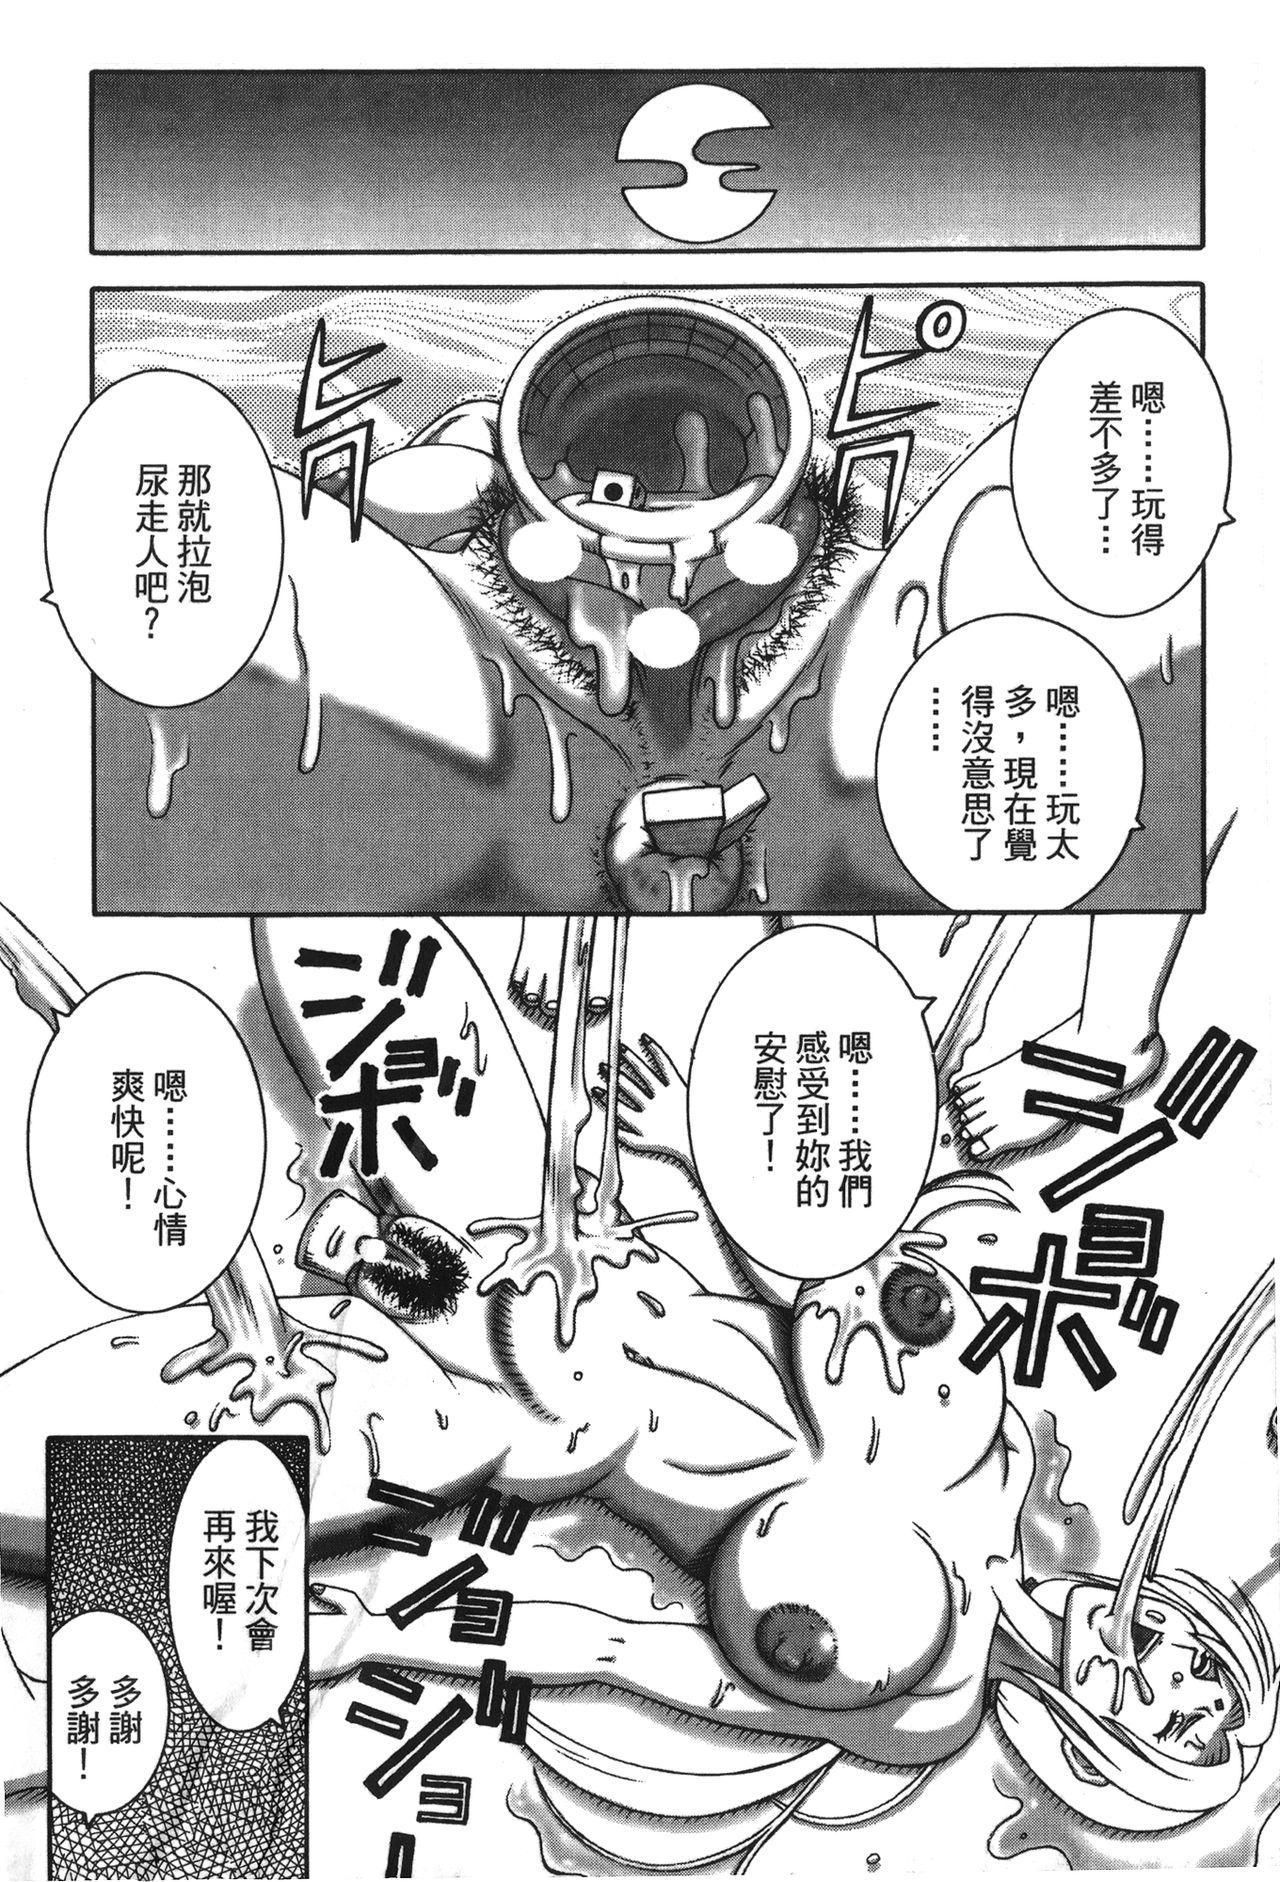 naruto ninja biography vol.02 16